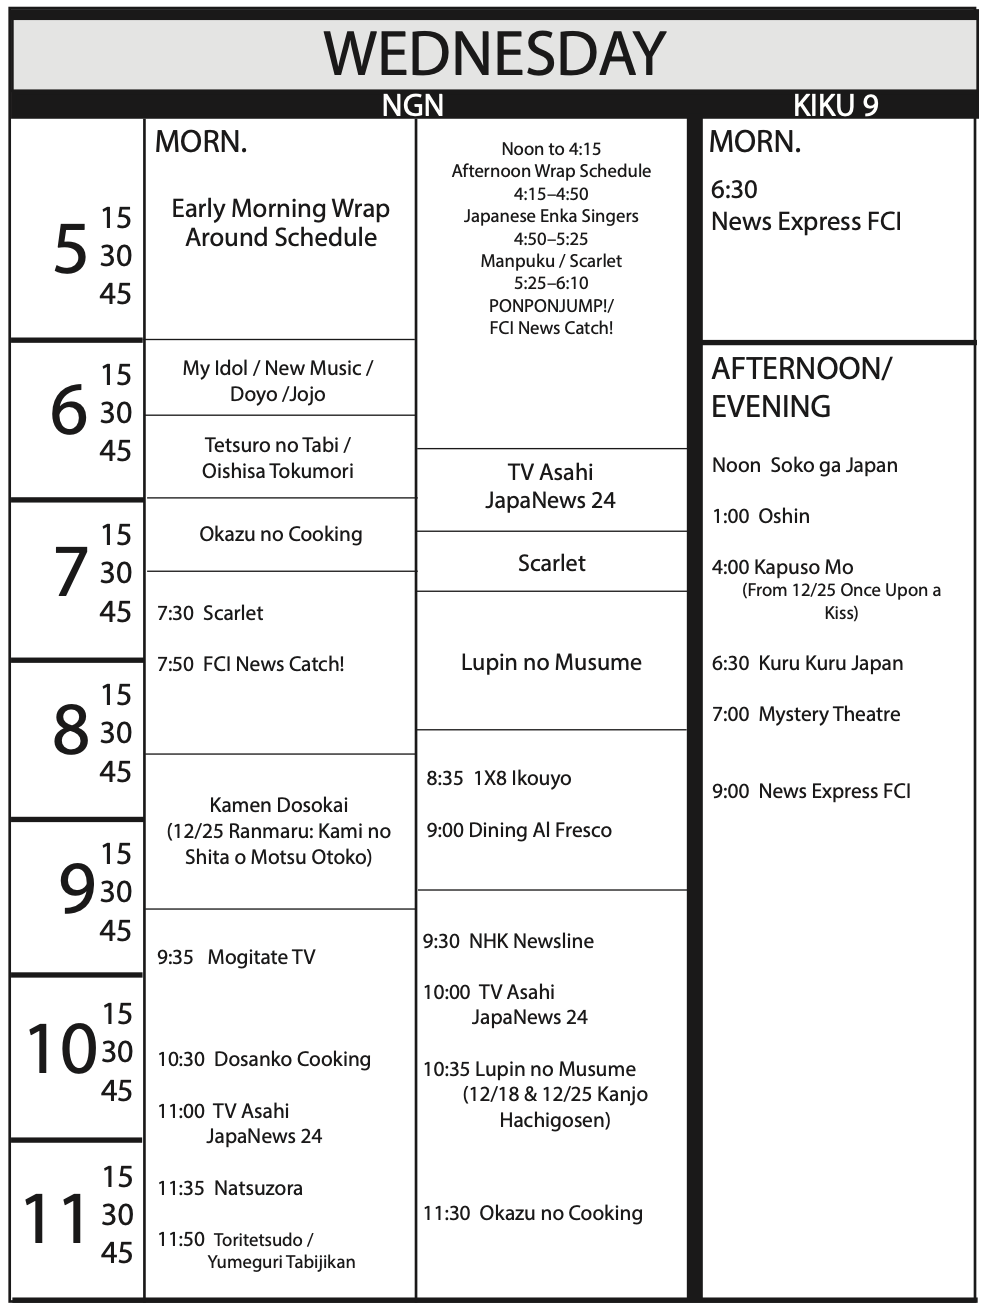 TV Program Schedule 11/15/19 Issue - Wednesday